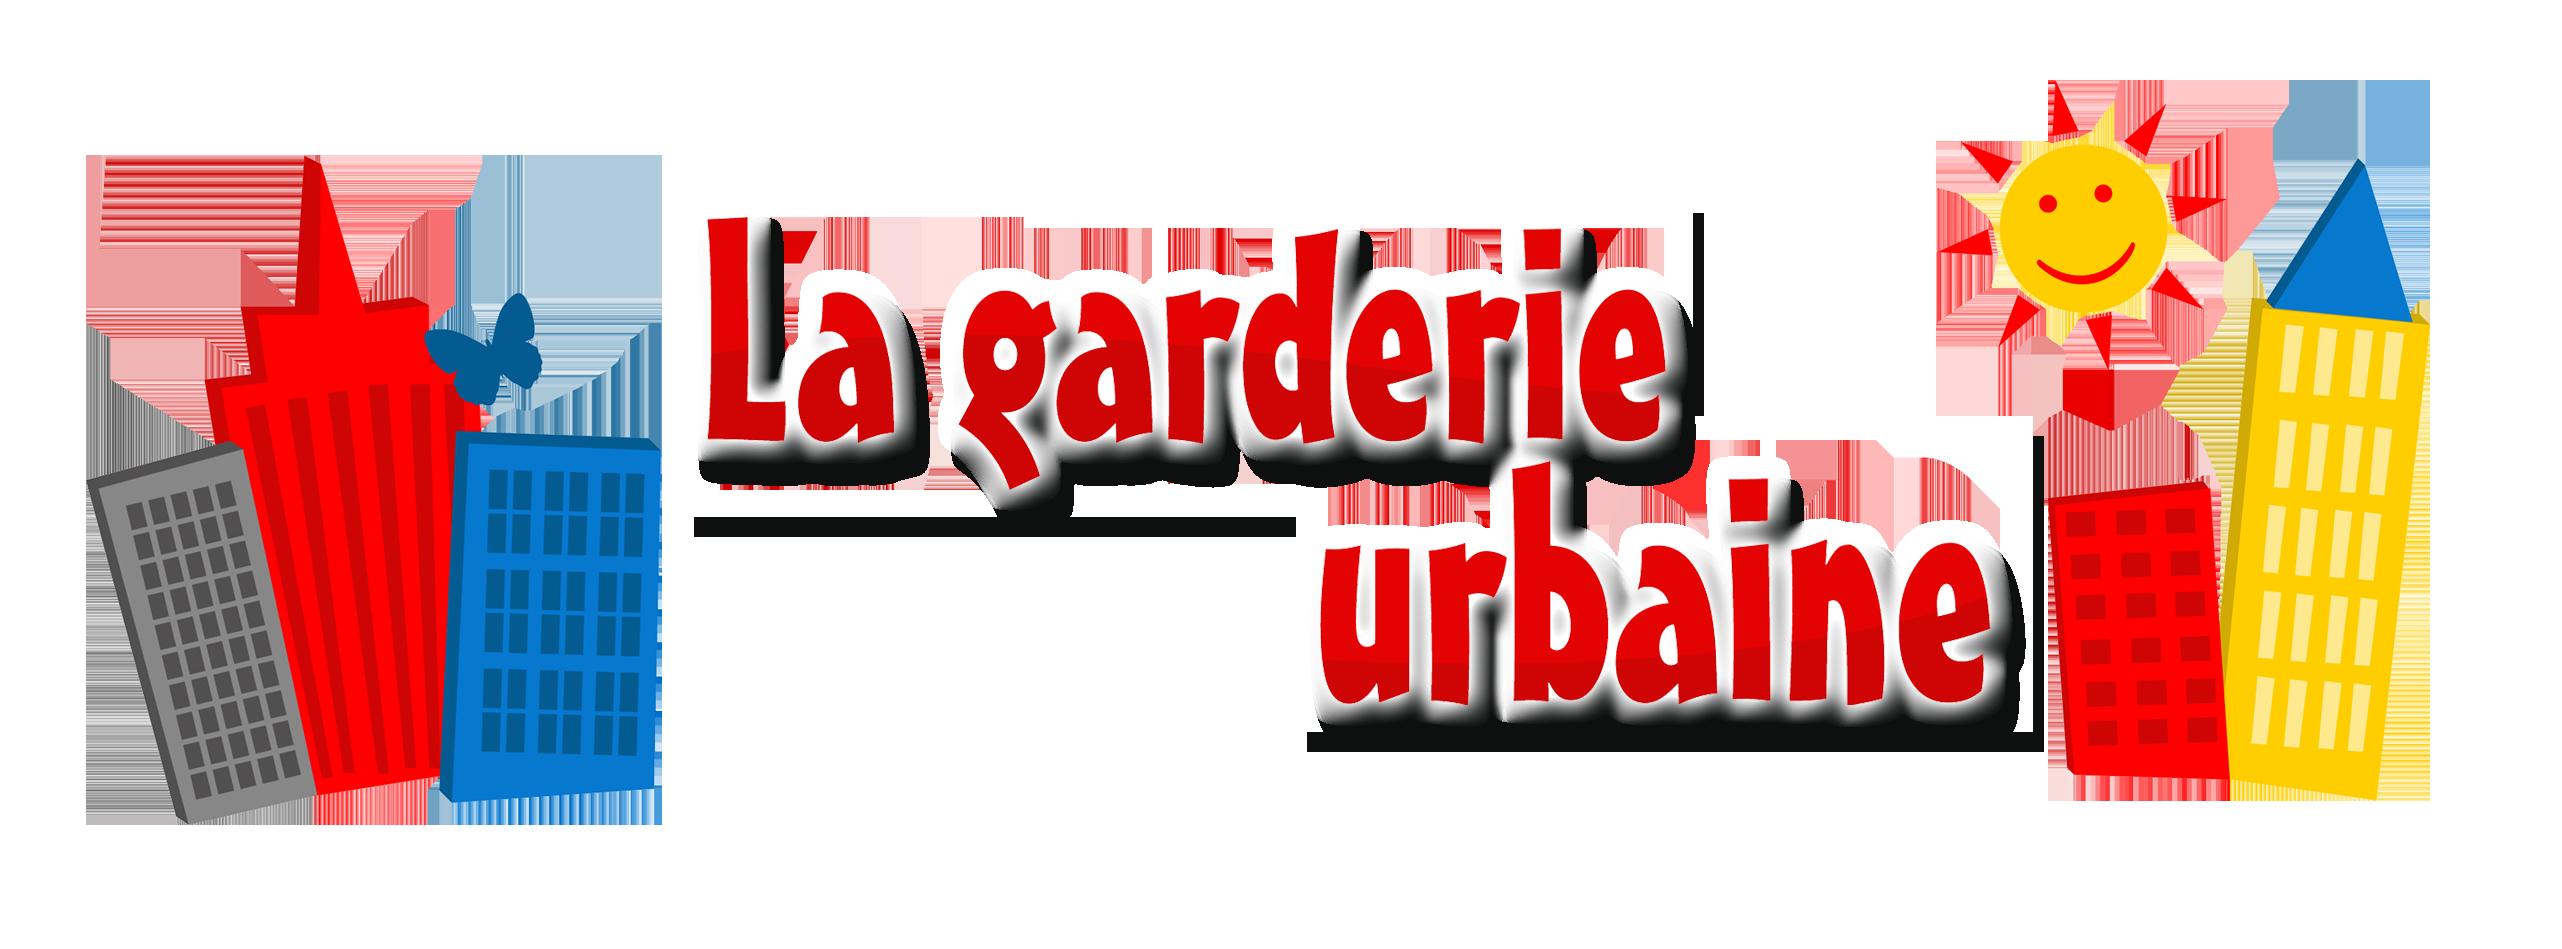 Pour votre tout-petit, la garderie urbaine sera une véritable expérience enrichissante!